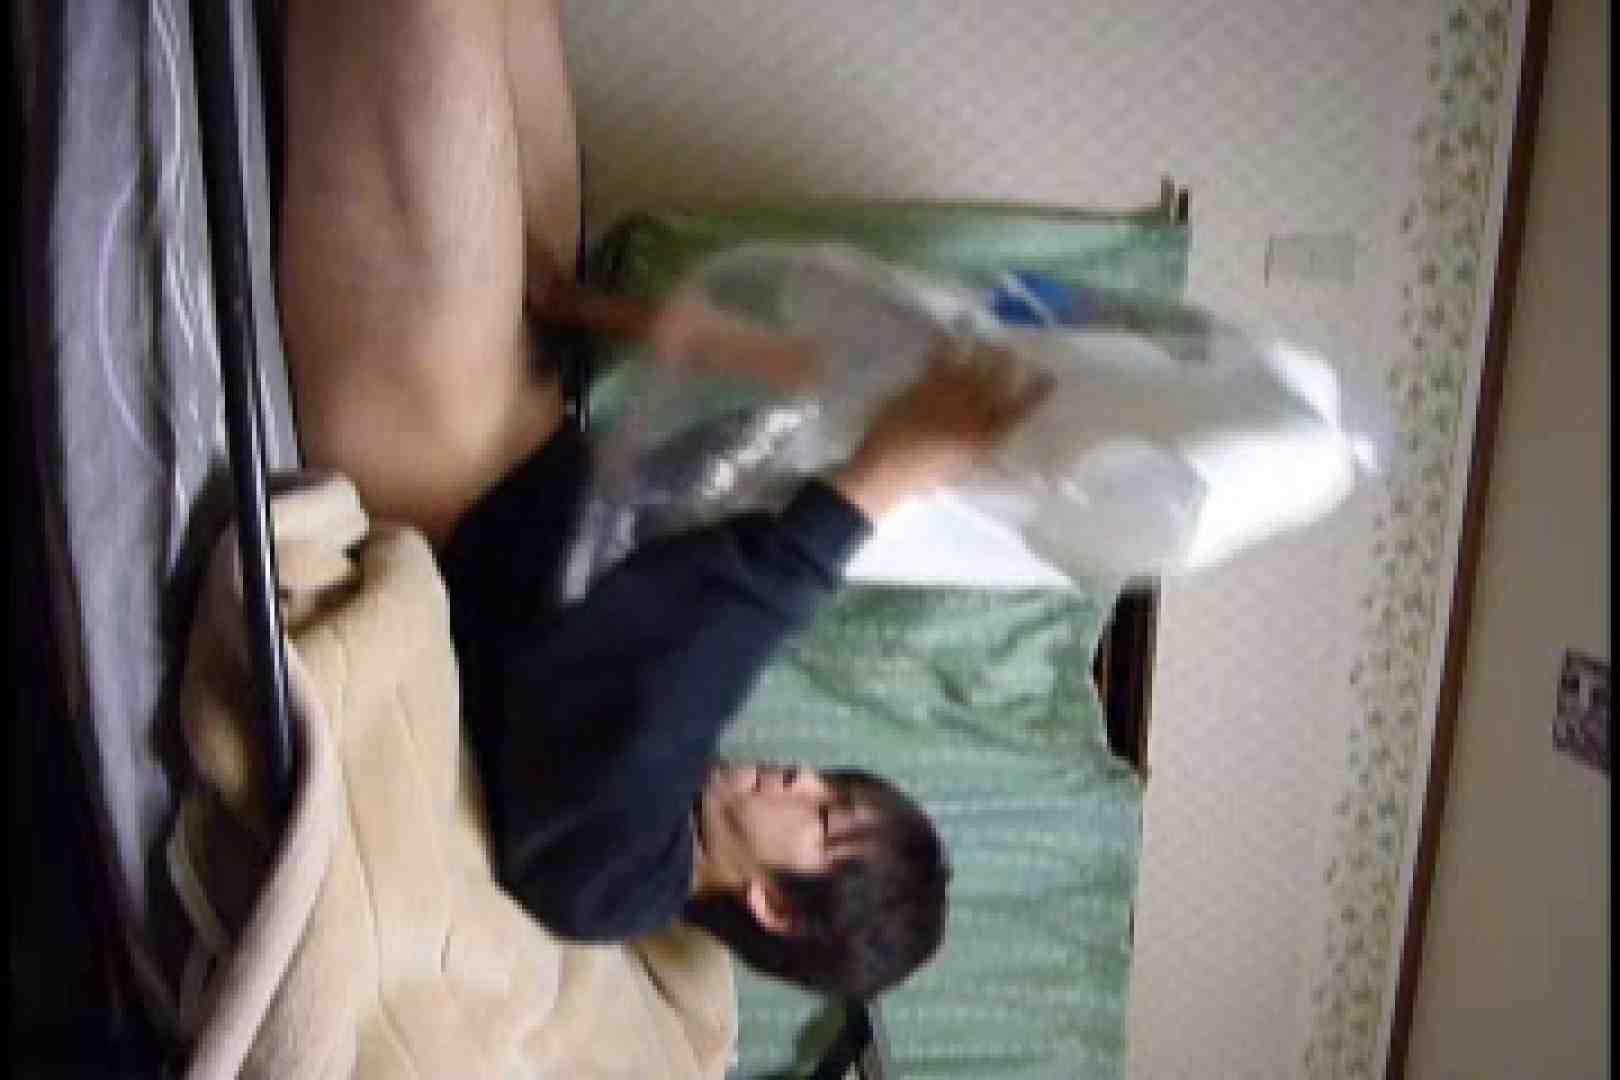 オナ好きノンケテニス部員の自画撮り投稿vol.08 無修正 ゲイセックス画像 102pic 97